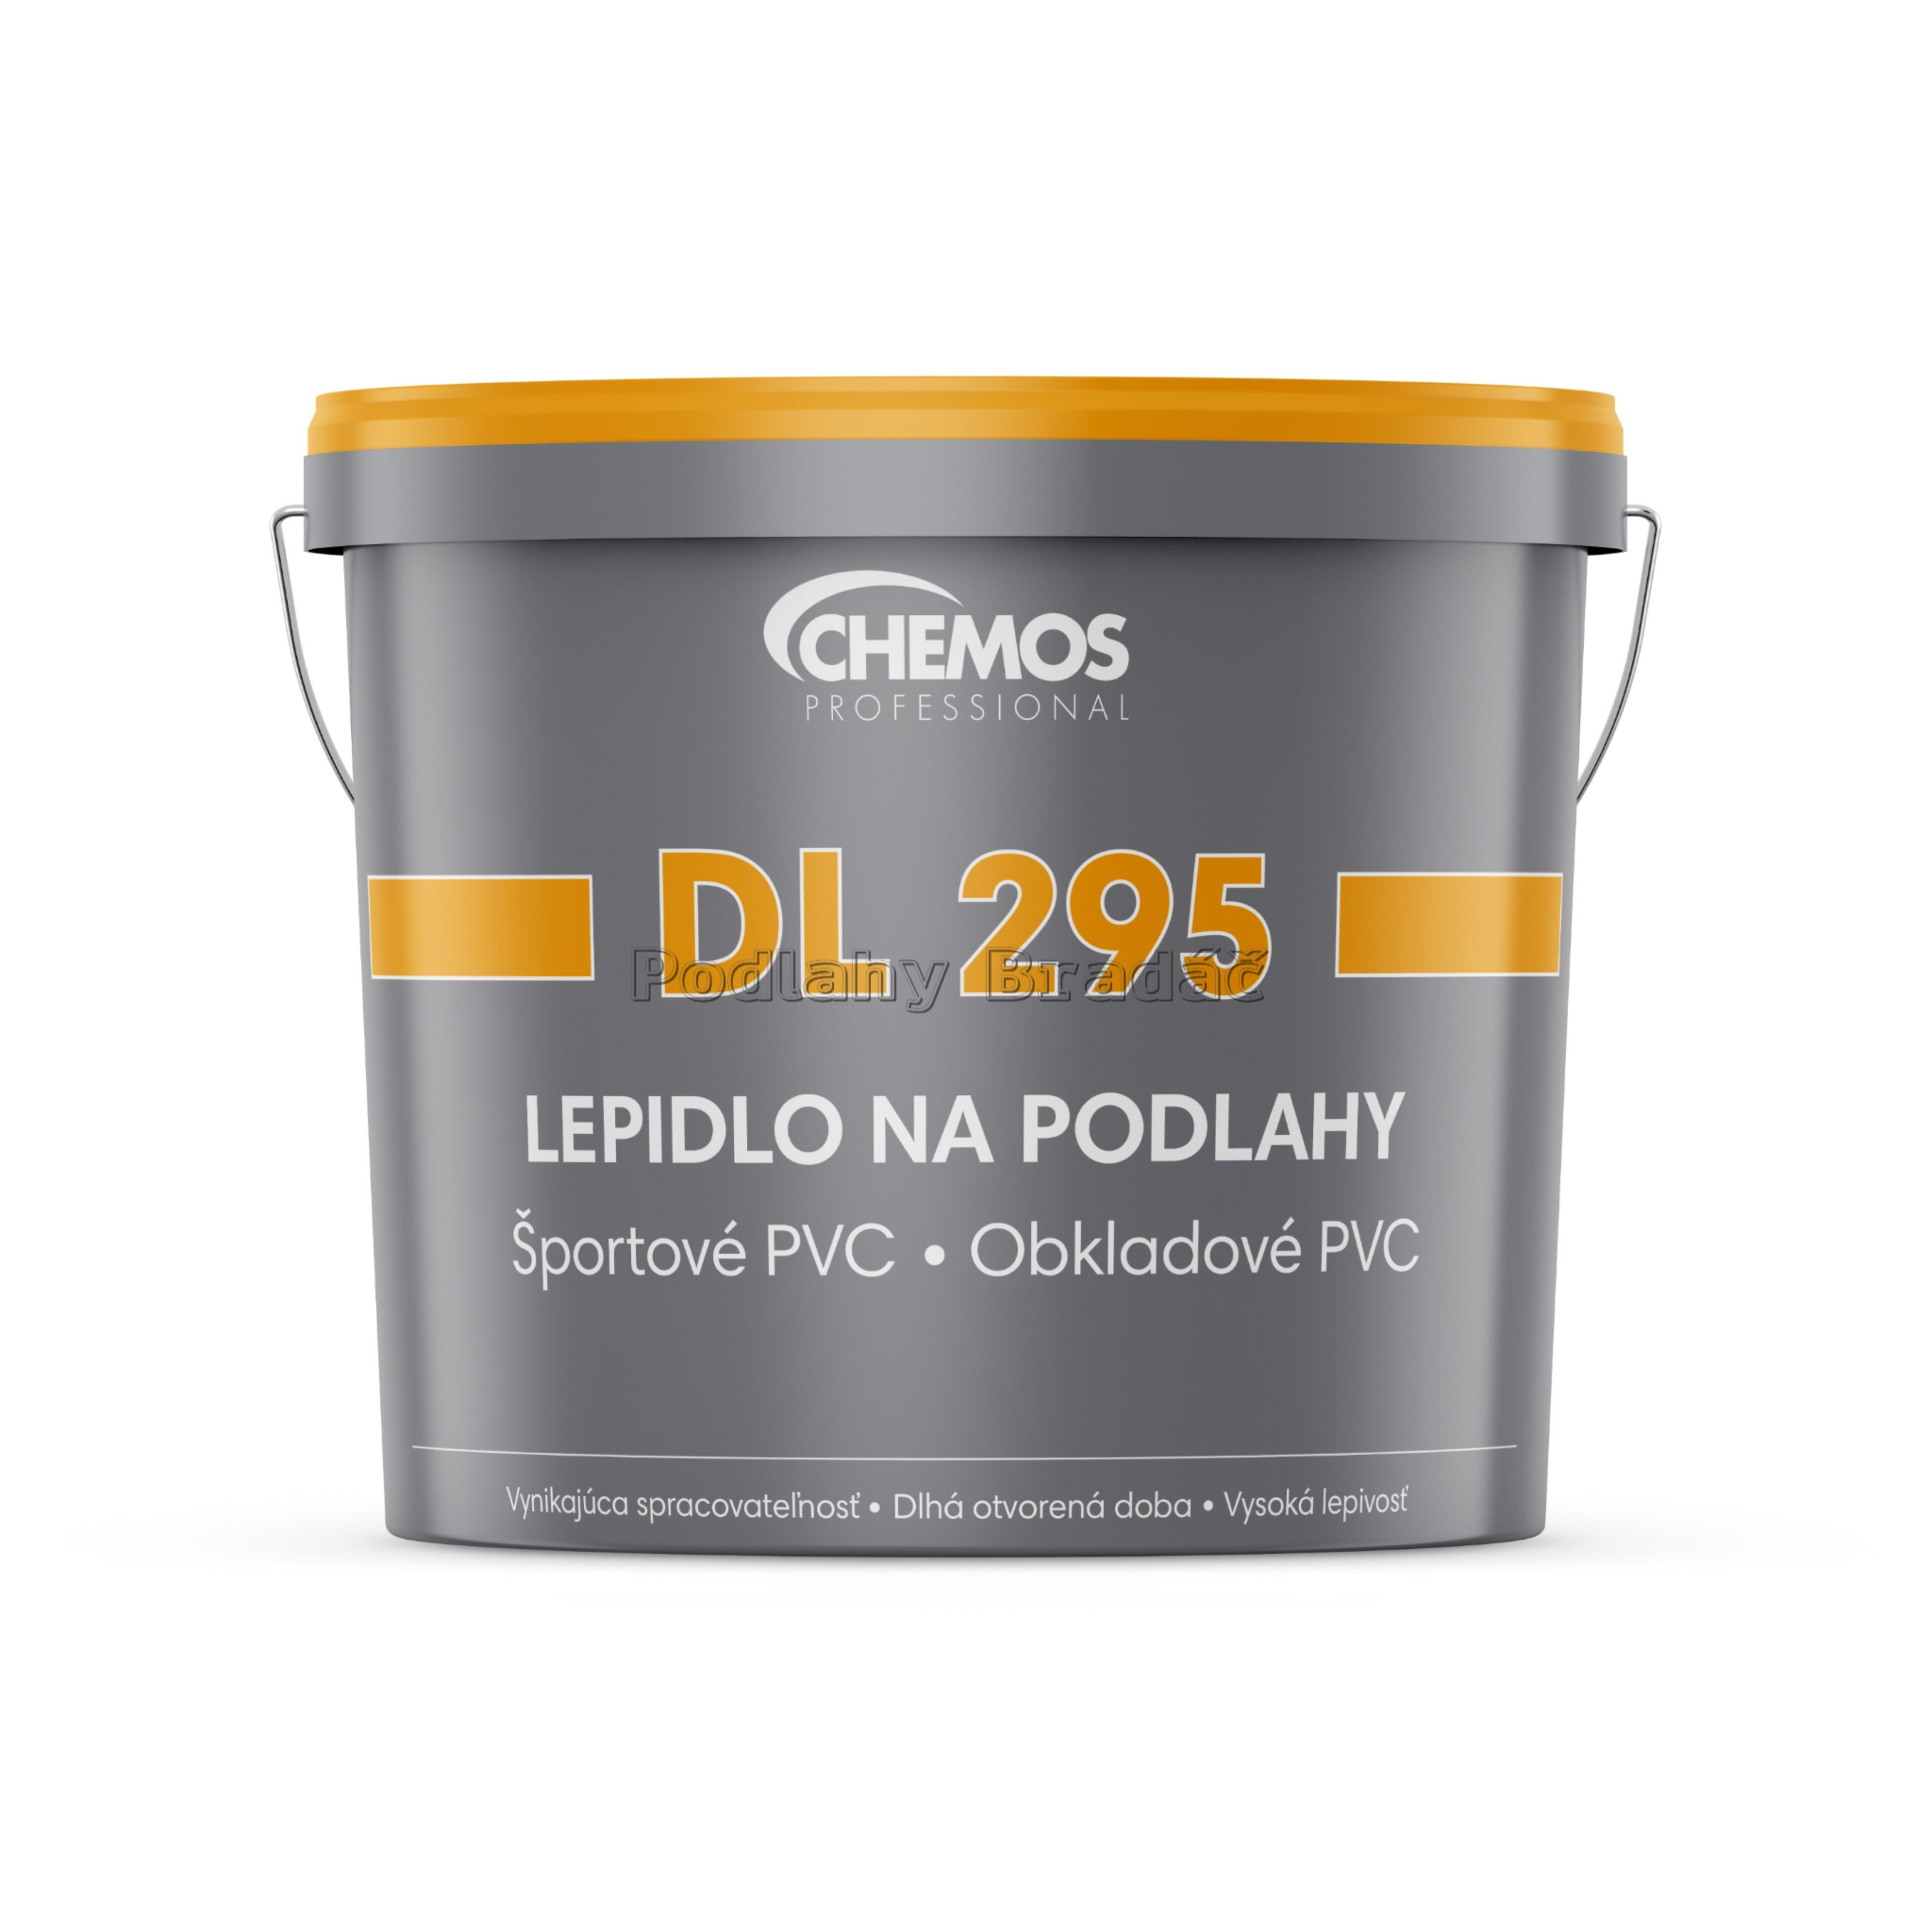 Chemos DL 295 (Profilep 295 6kg)